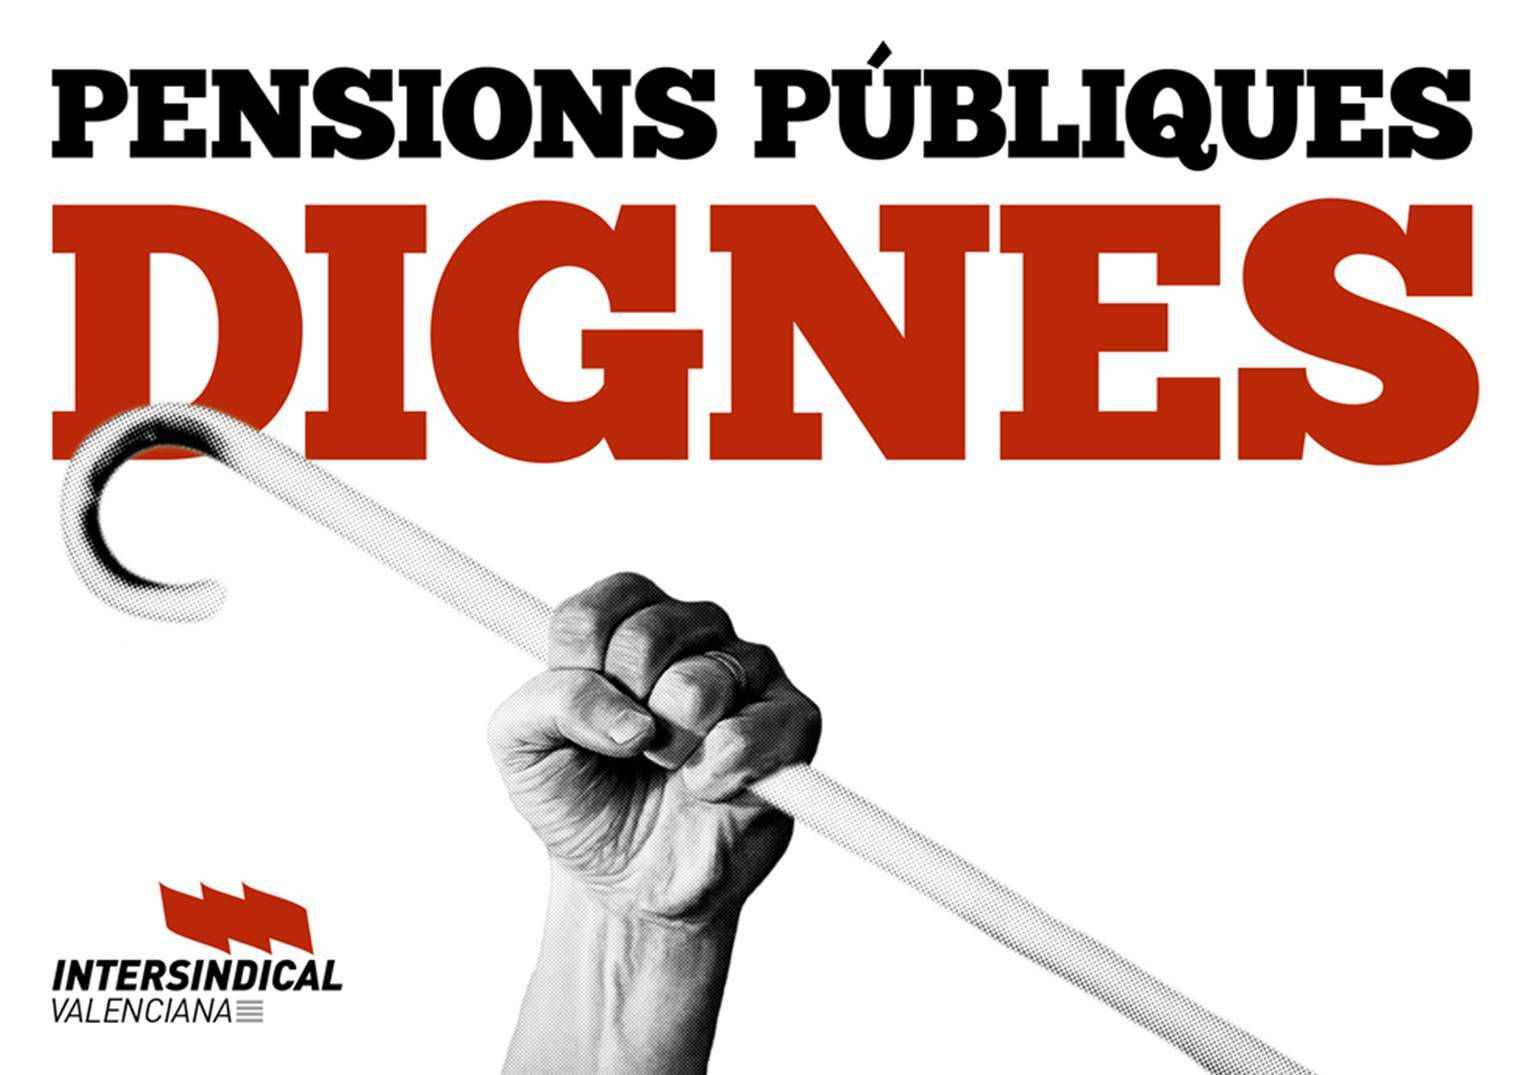 Assemblea de persones pensionistes i jubilades de la Intersindical Valenciana